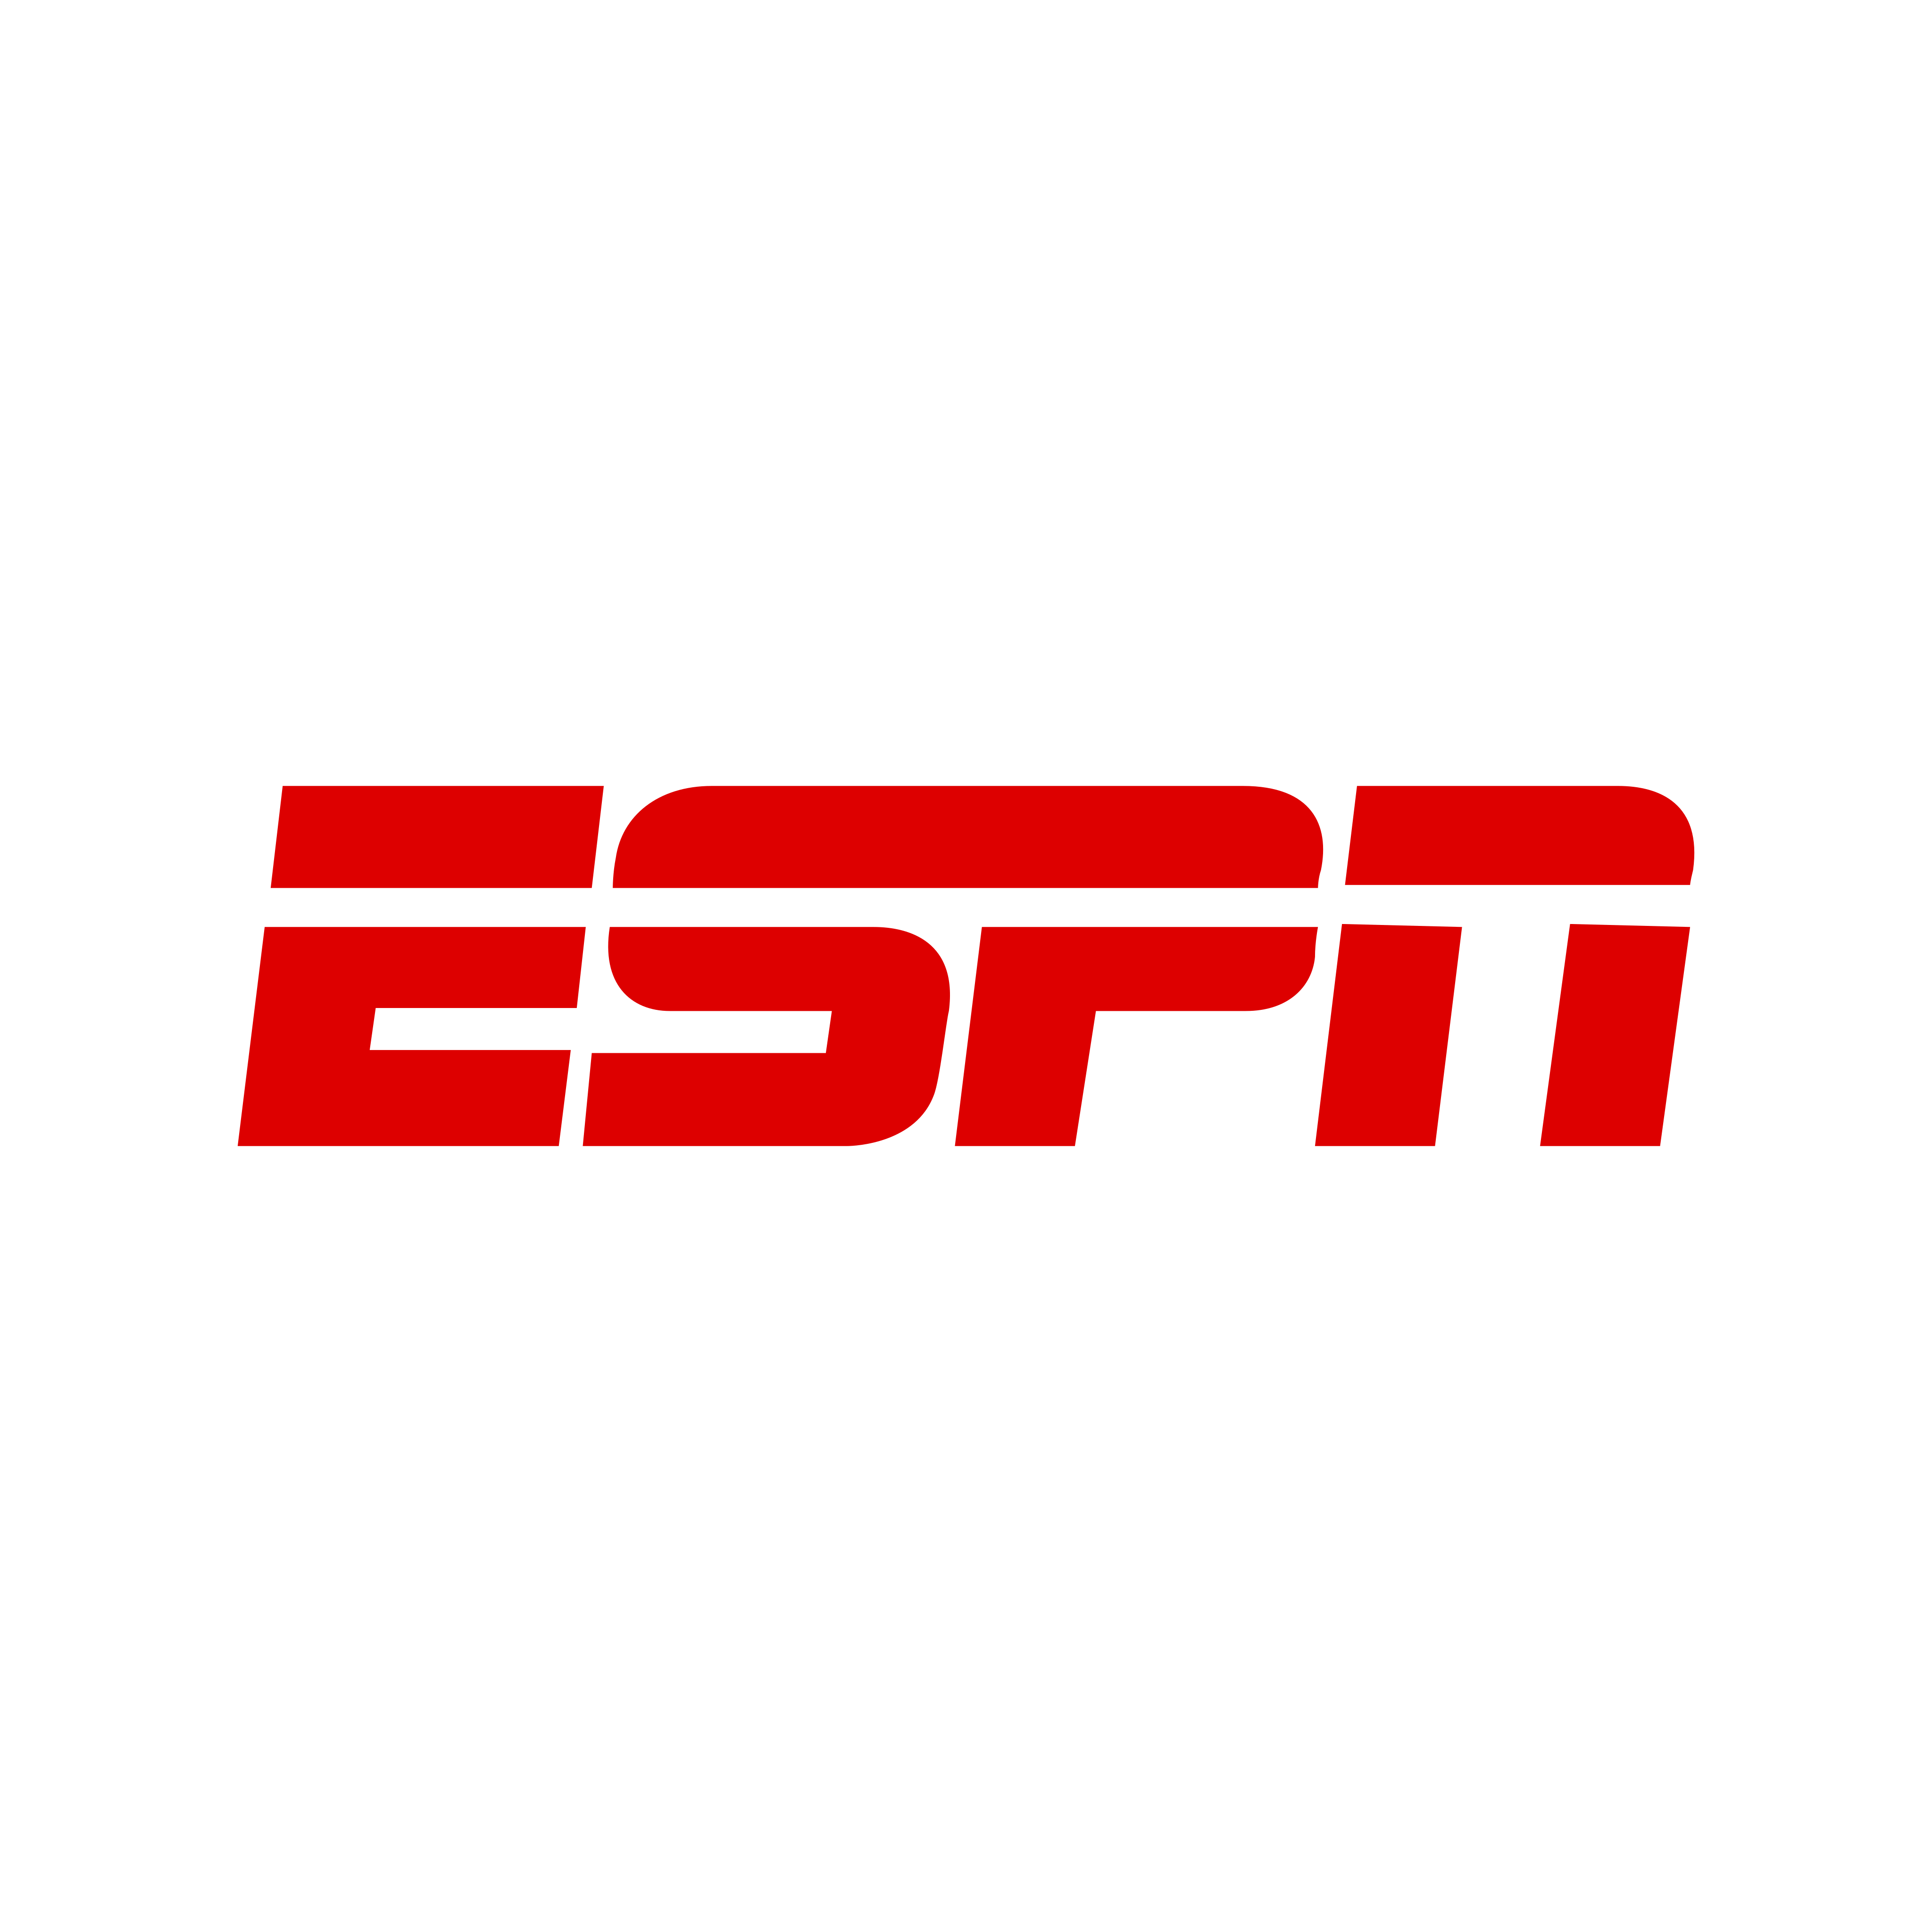 espn logo 0 - ESPN Logo